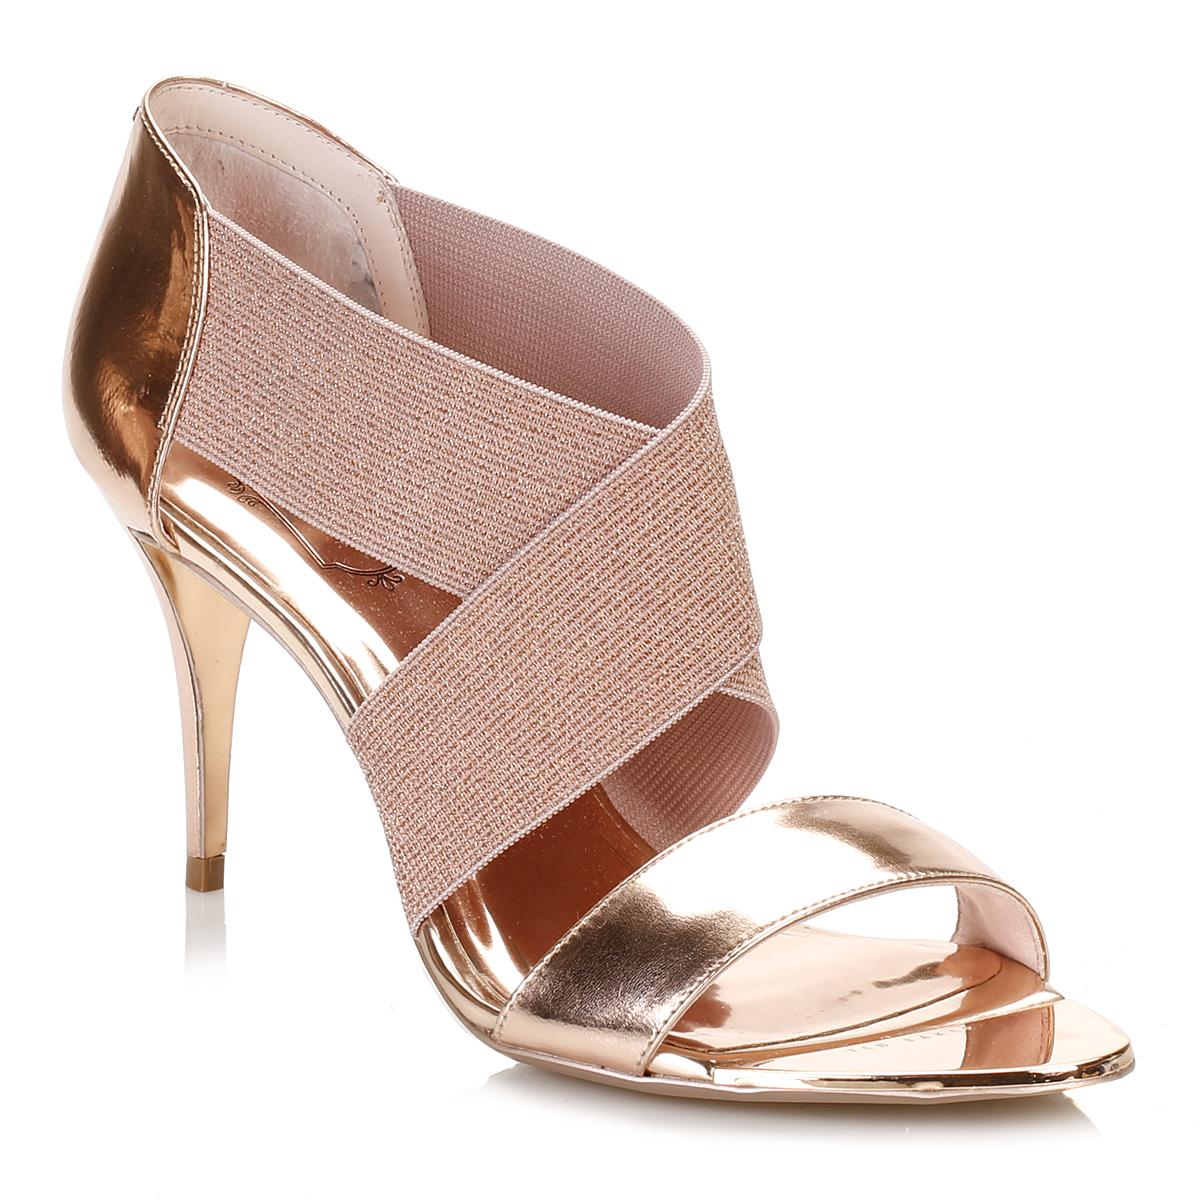 Ted Baker Womens Court Shoes Rose Gold Leniya Leather Slip ...